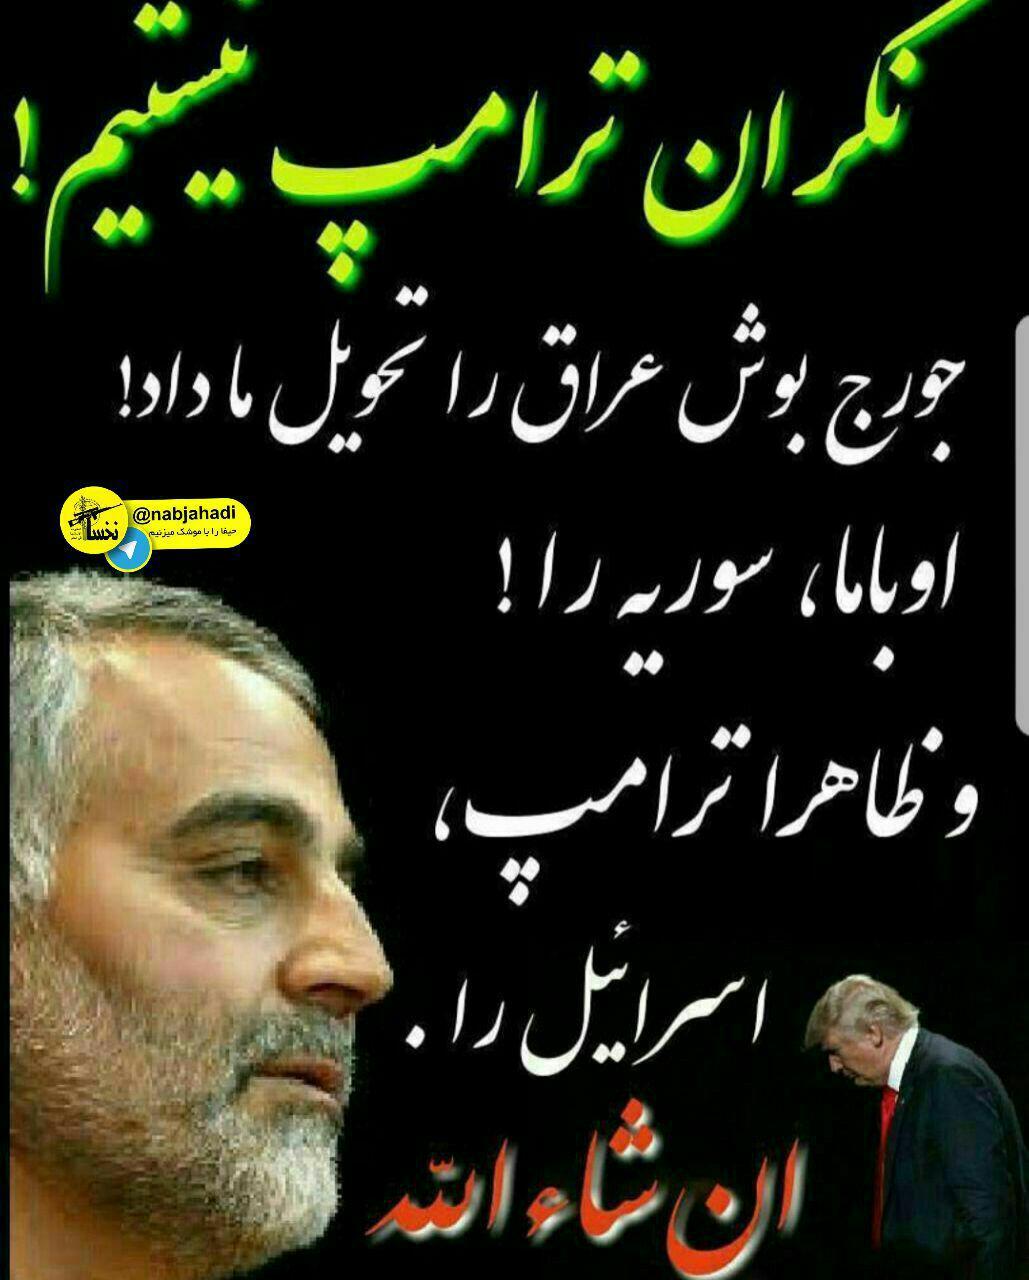 انقلاب اسلامی روز به روز با شکوهتر می شود و نام آورانش بزرگتر